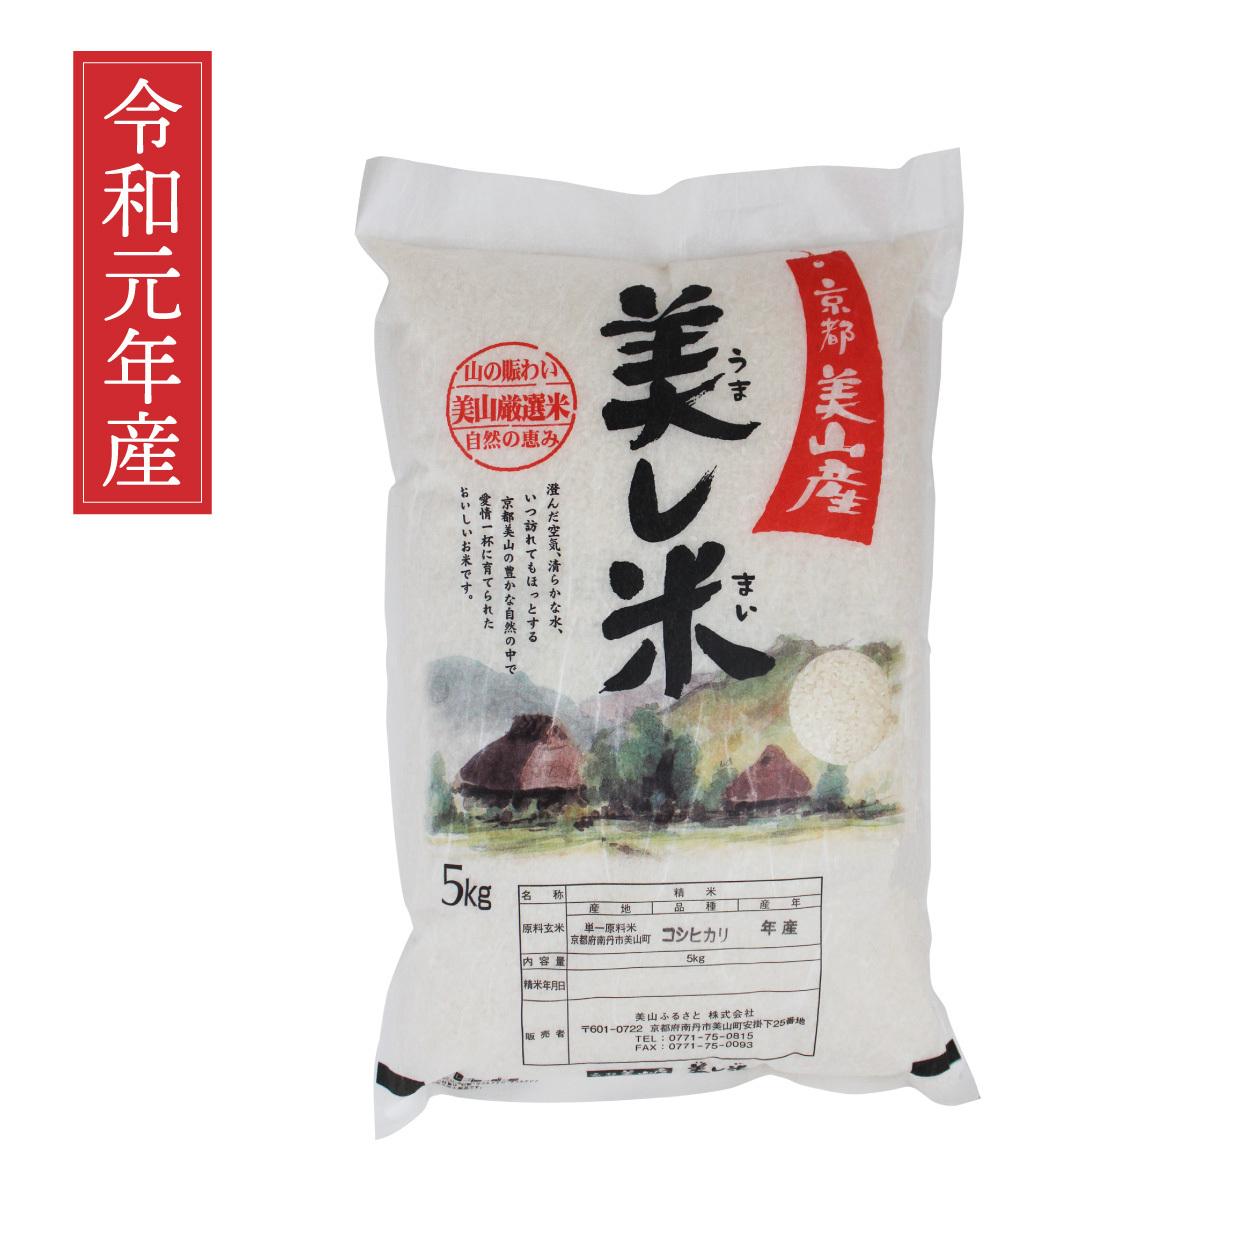 美し米 美山産コシヒカリ5 kg 精米